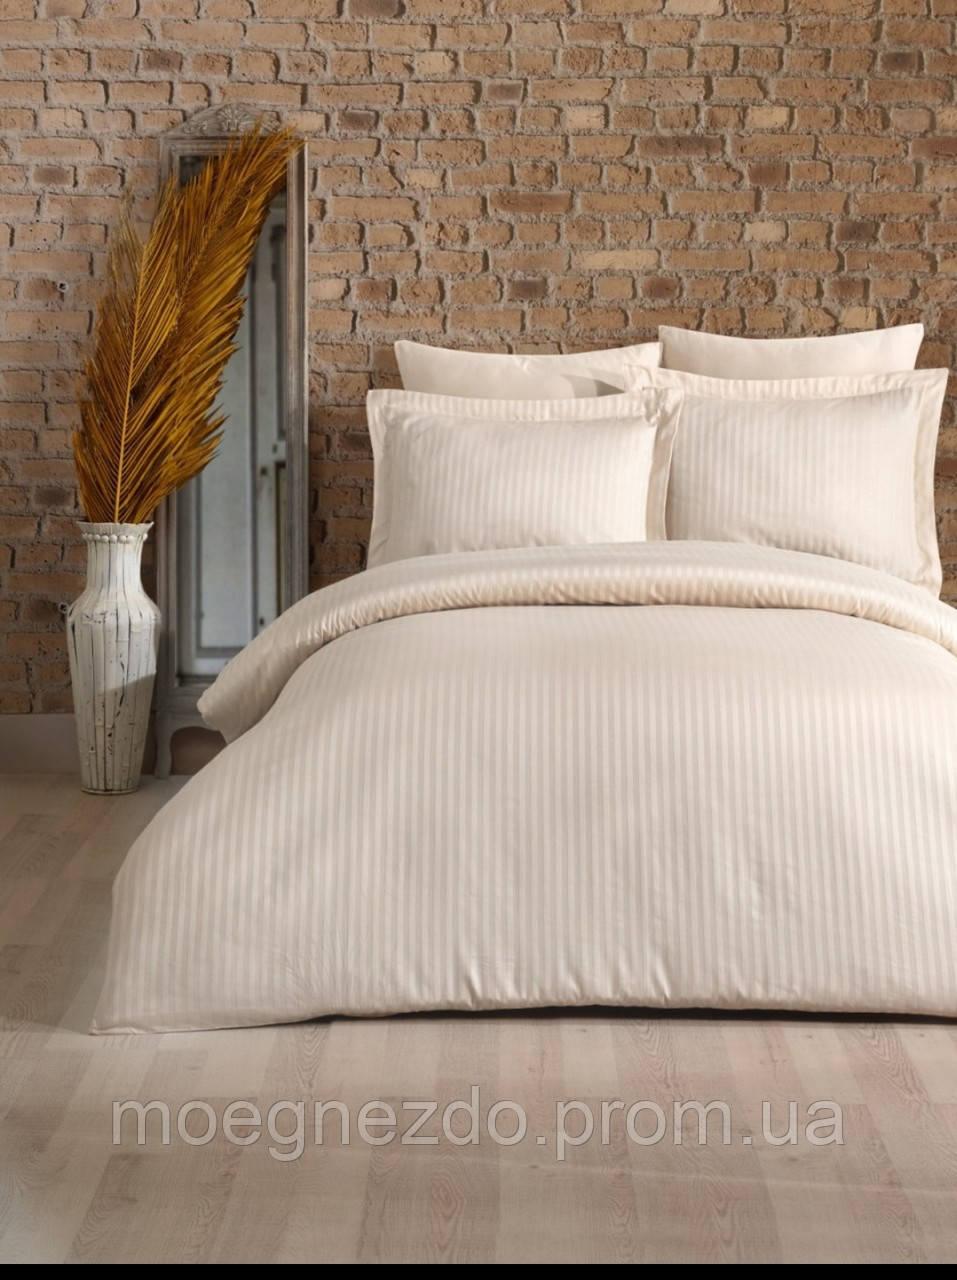 Евро постельное белье страйп-сатин полосы светлый ванильный шампань